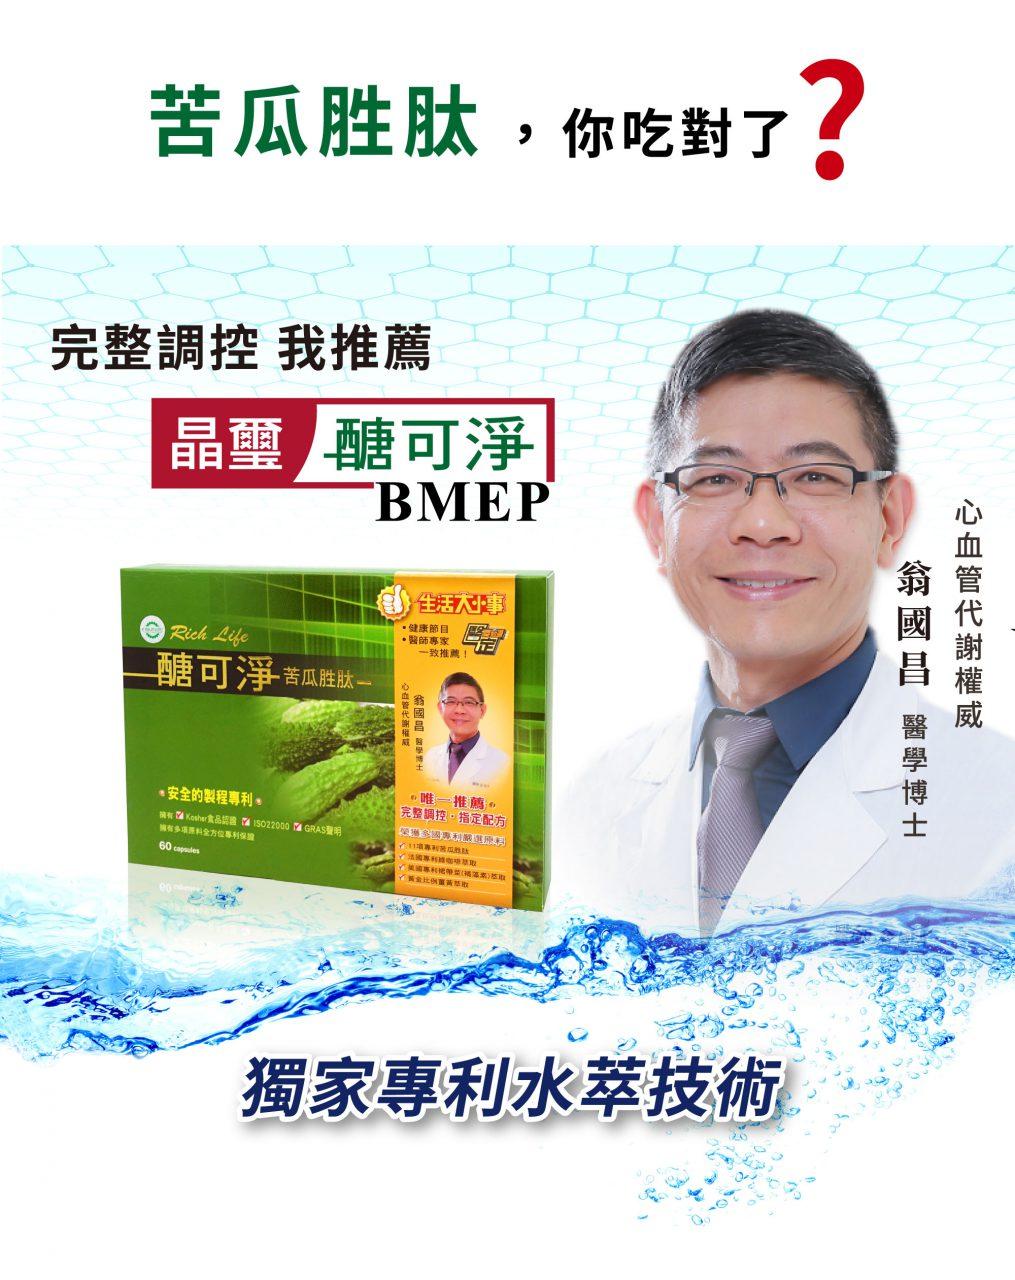 翁國昌唯一推薦,一減二增,完整調控,指定配方,苦瓜胜肽你吃對了嗎